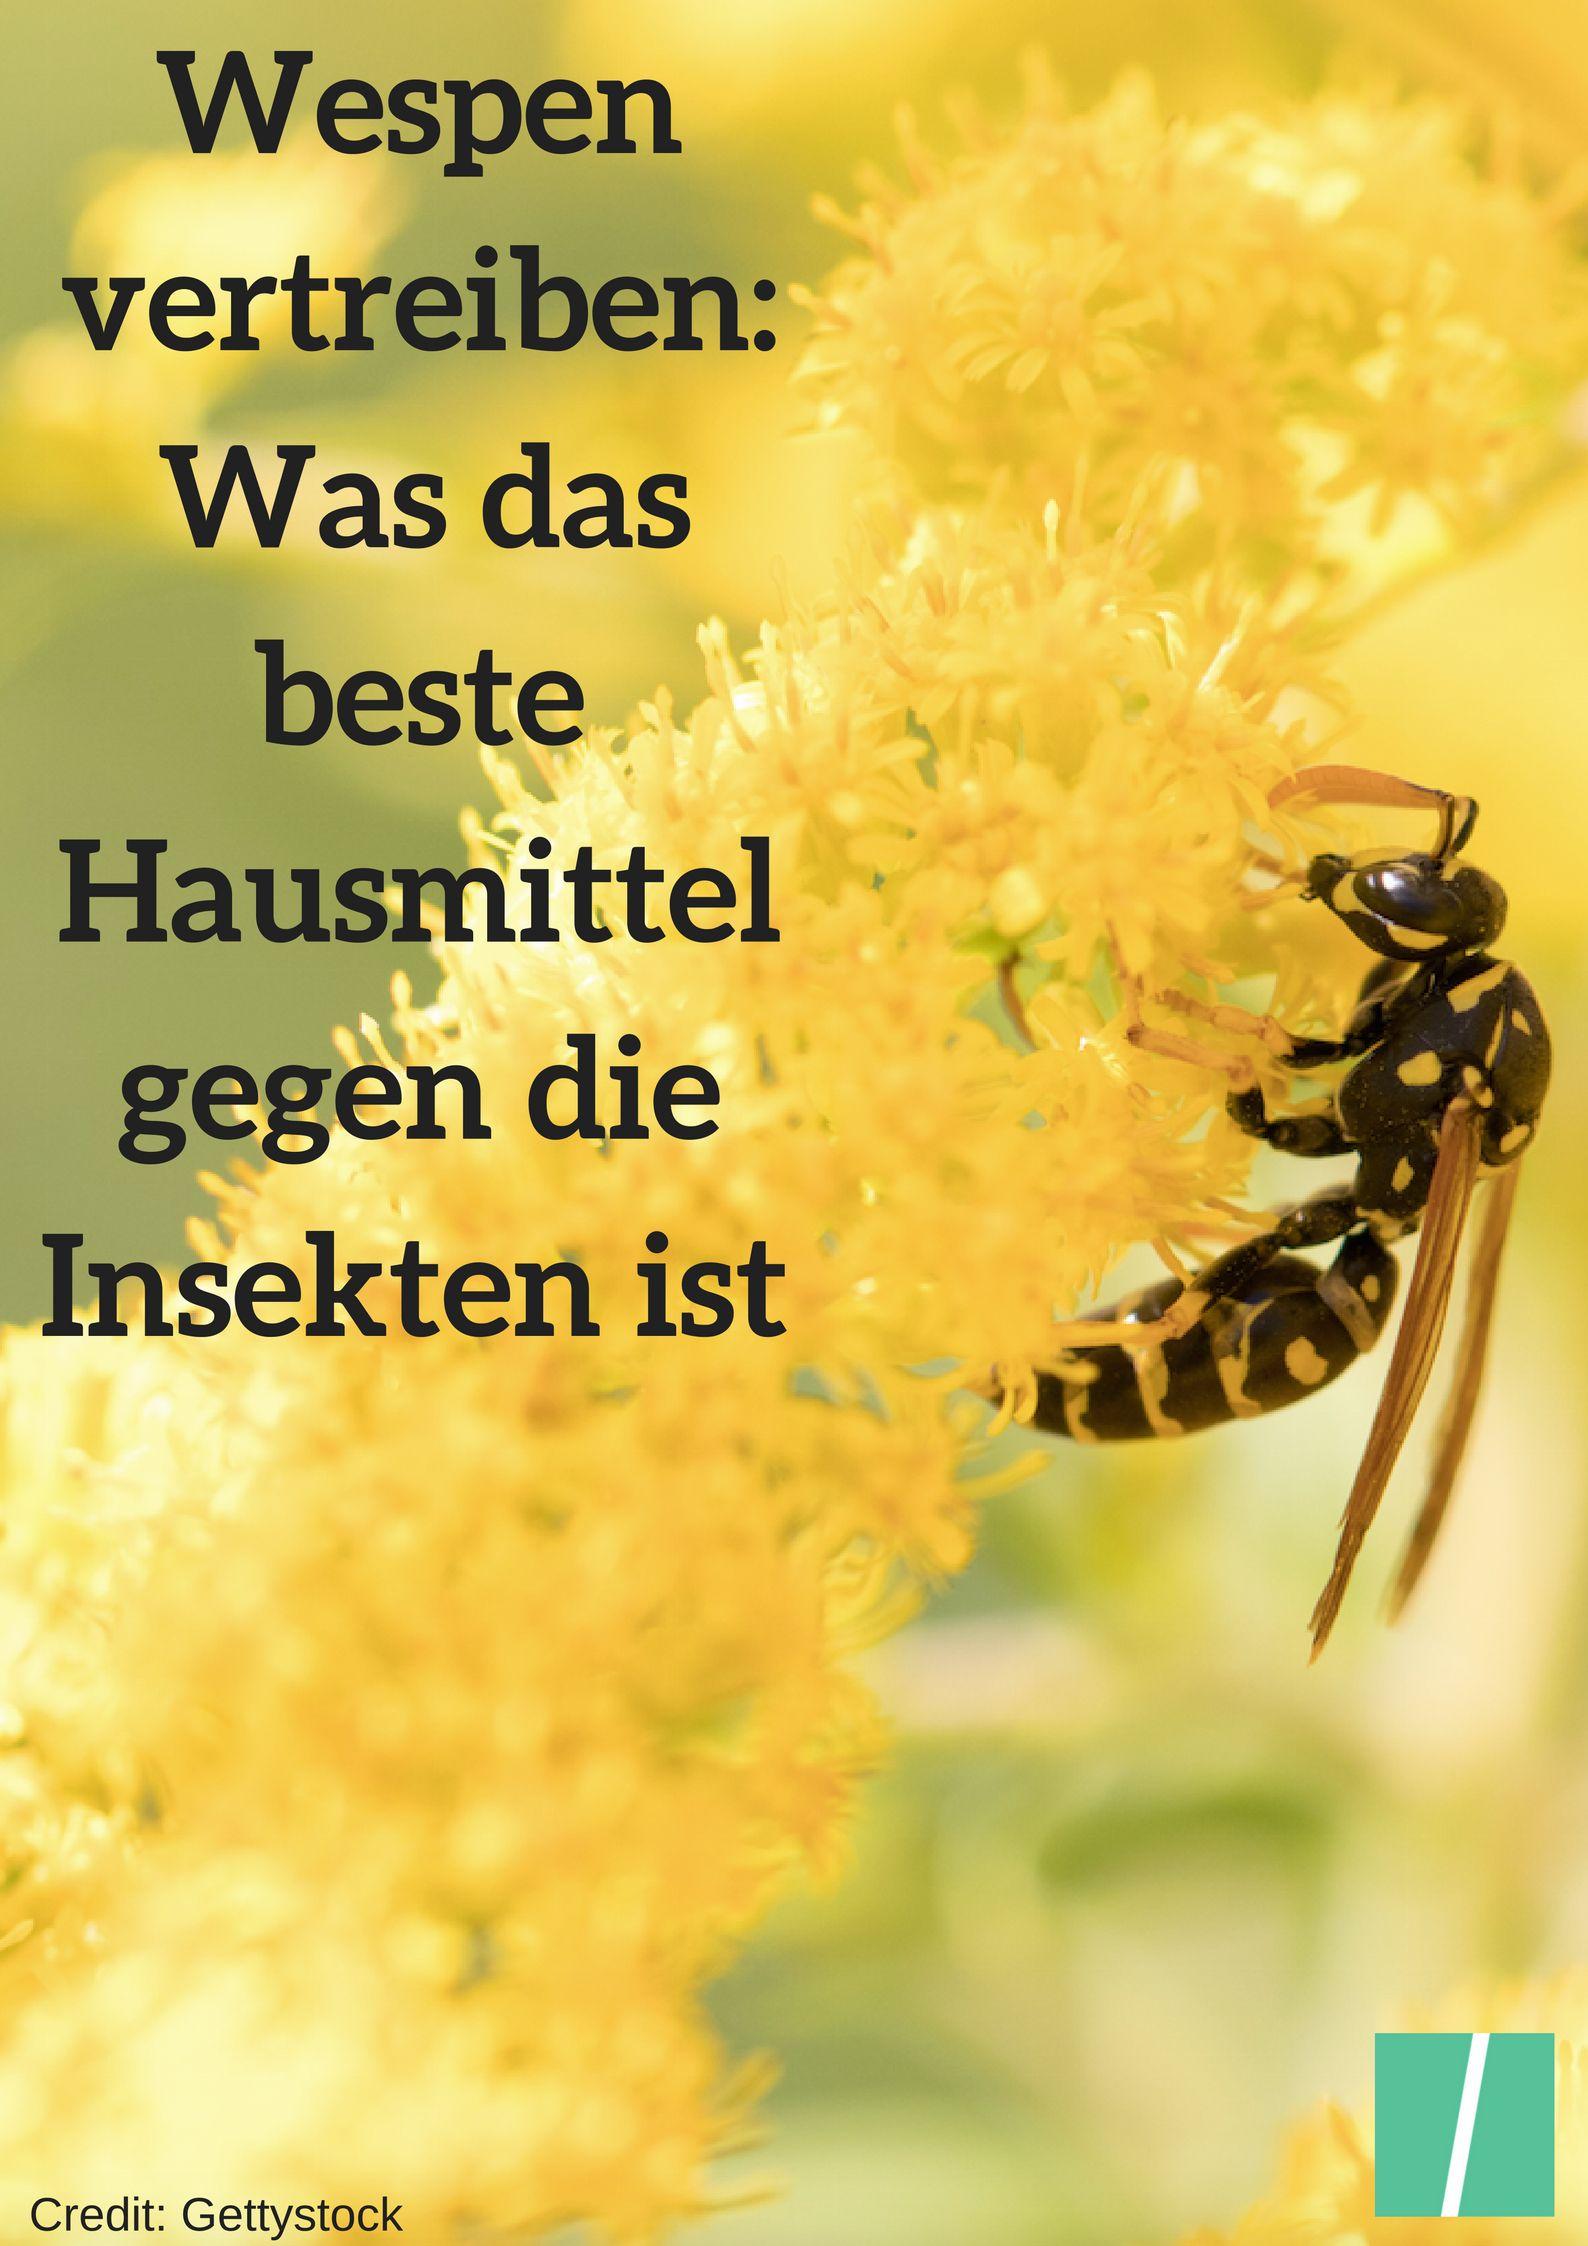 Huffpost Deutschland Wespen Vertreiben Wespe Hausmittel